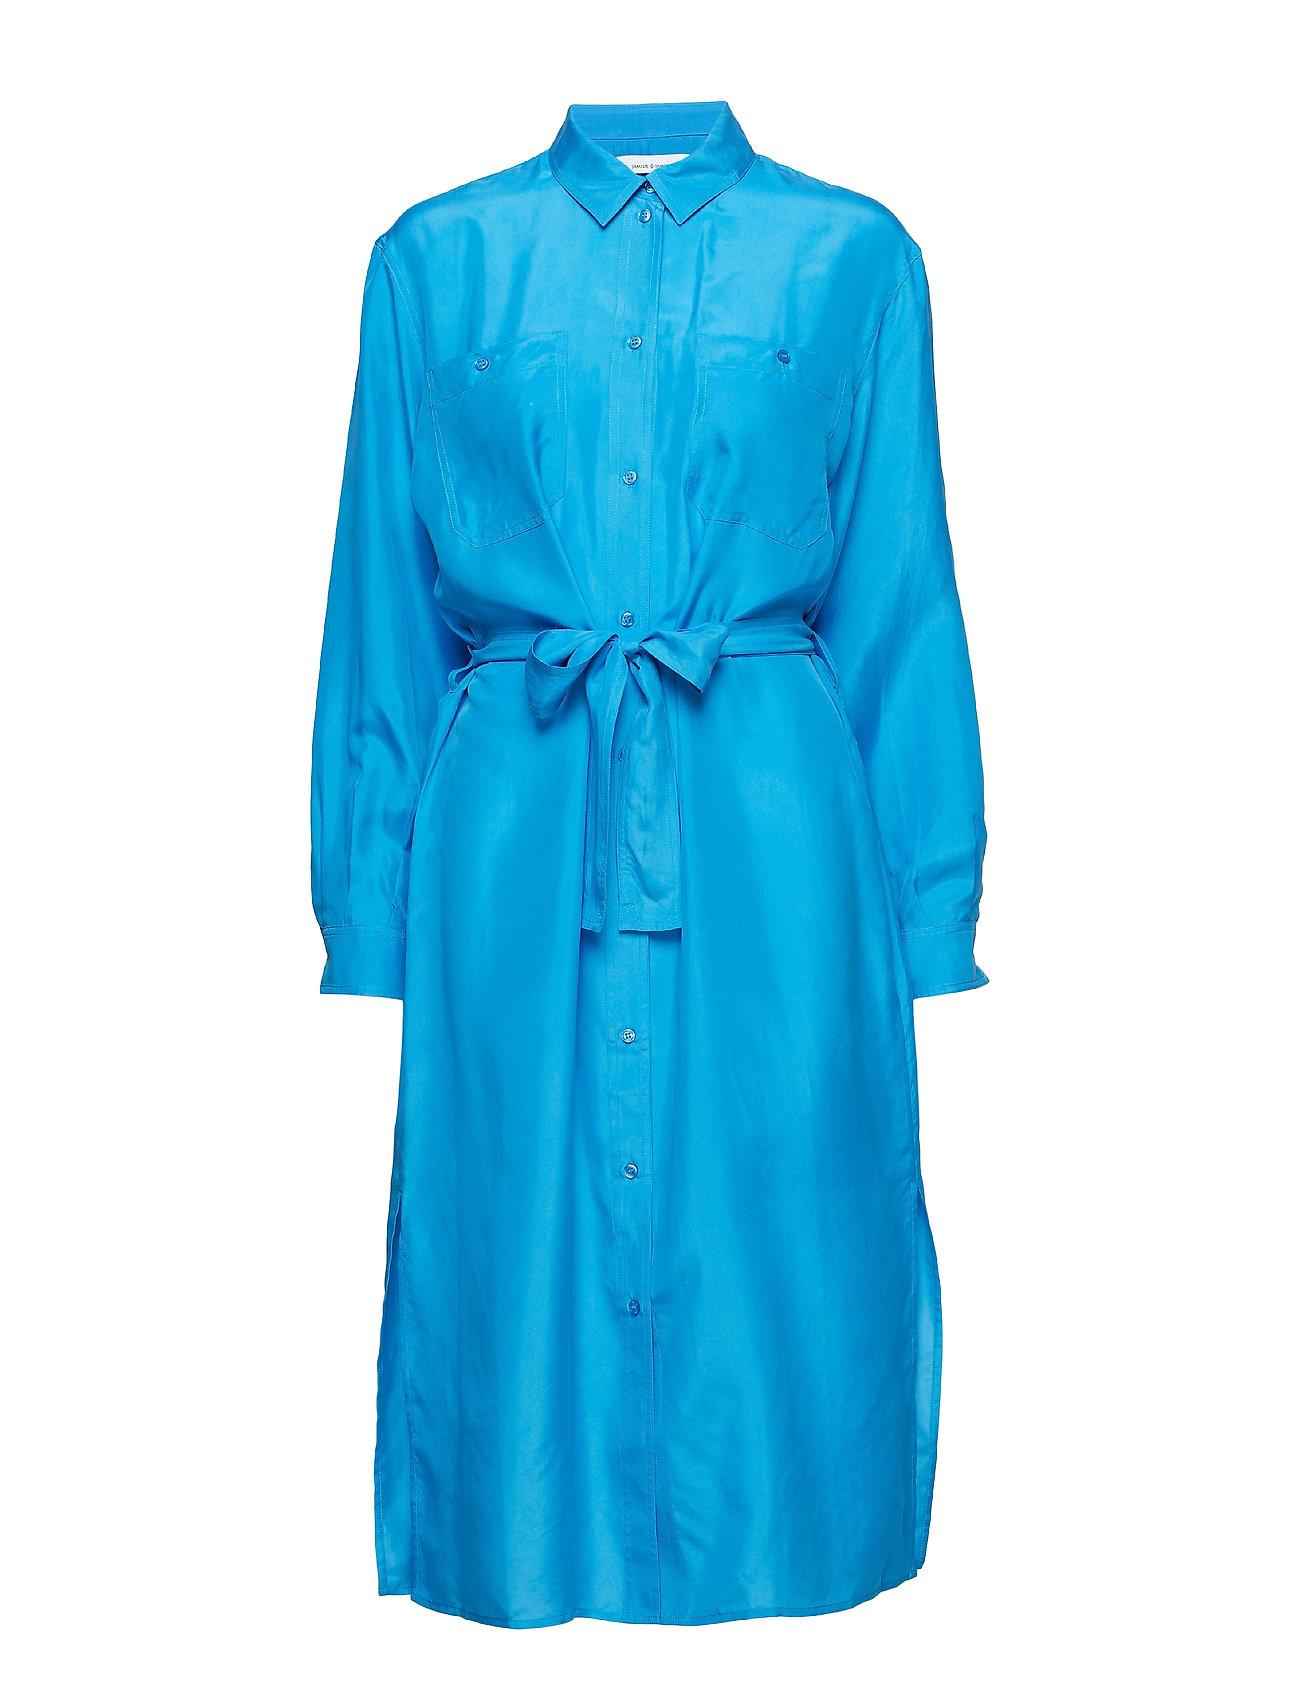 Samsøe & Samsøe Cora shirt dress 10756 - BLUE ASTER